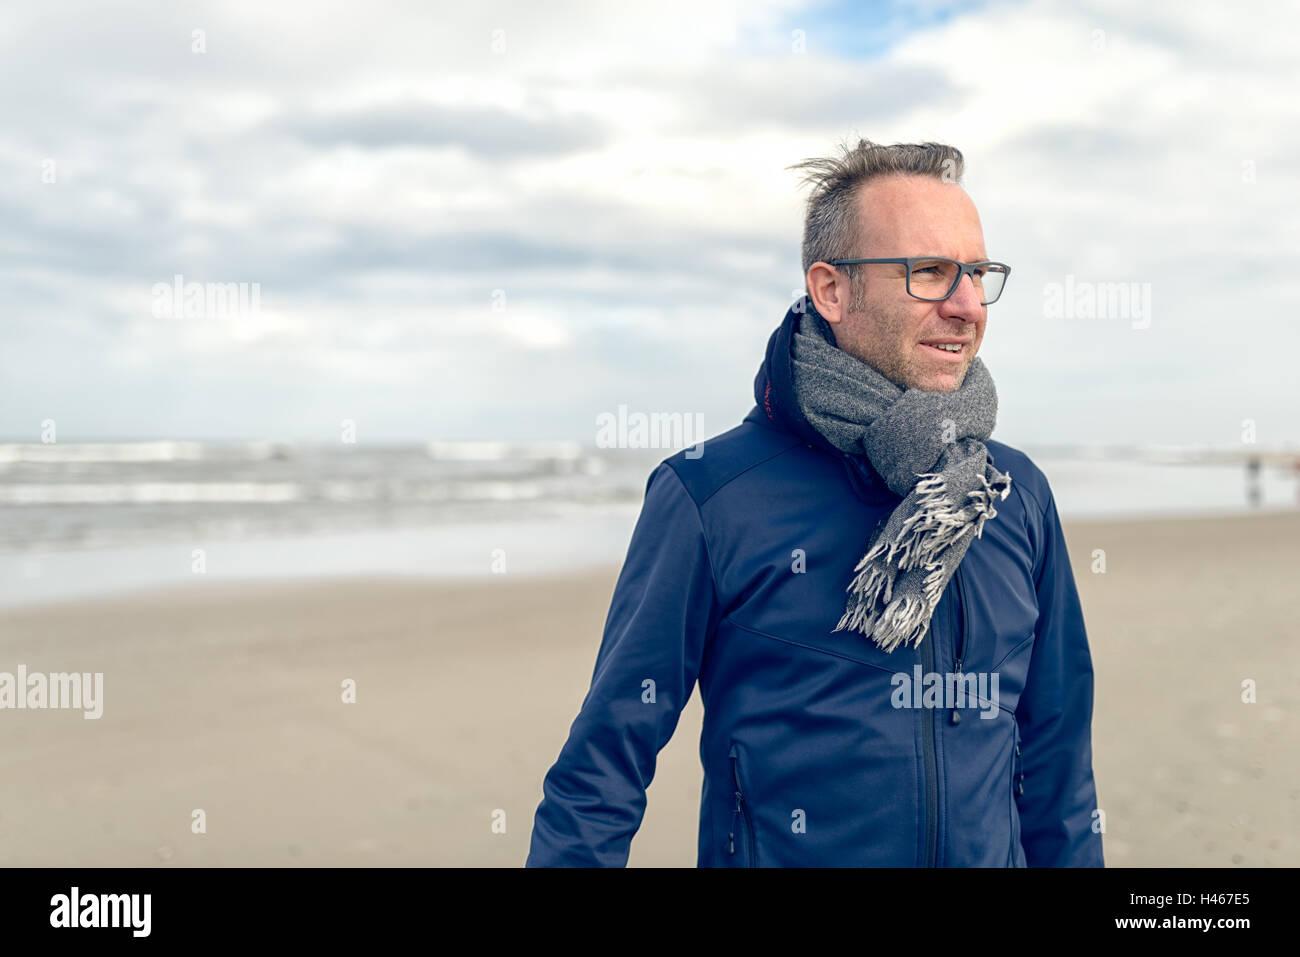 Irritato uomo di mezza età con gli occhiali e una lana lavorata a maglia Sciarpa in piedi su una deserta spiaggia Immagini Stock